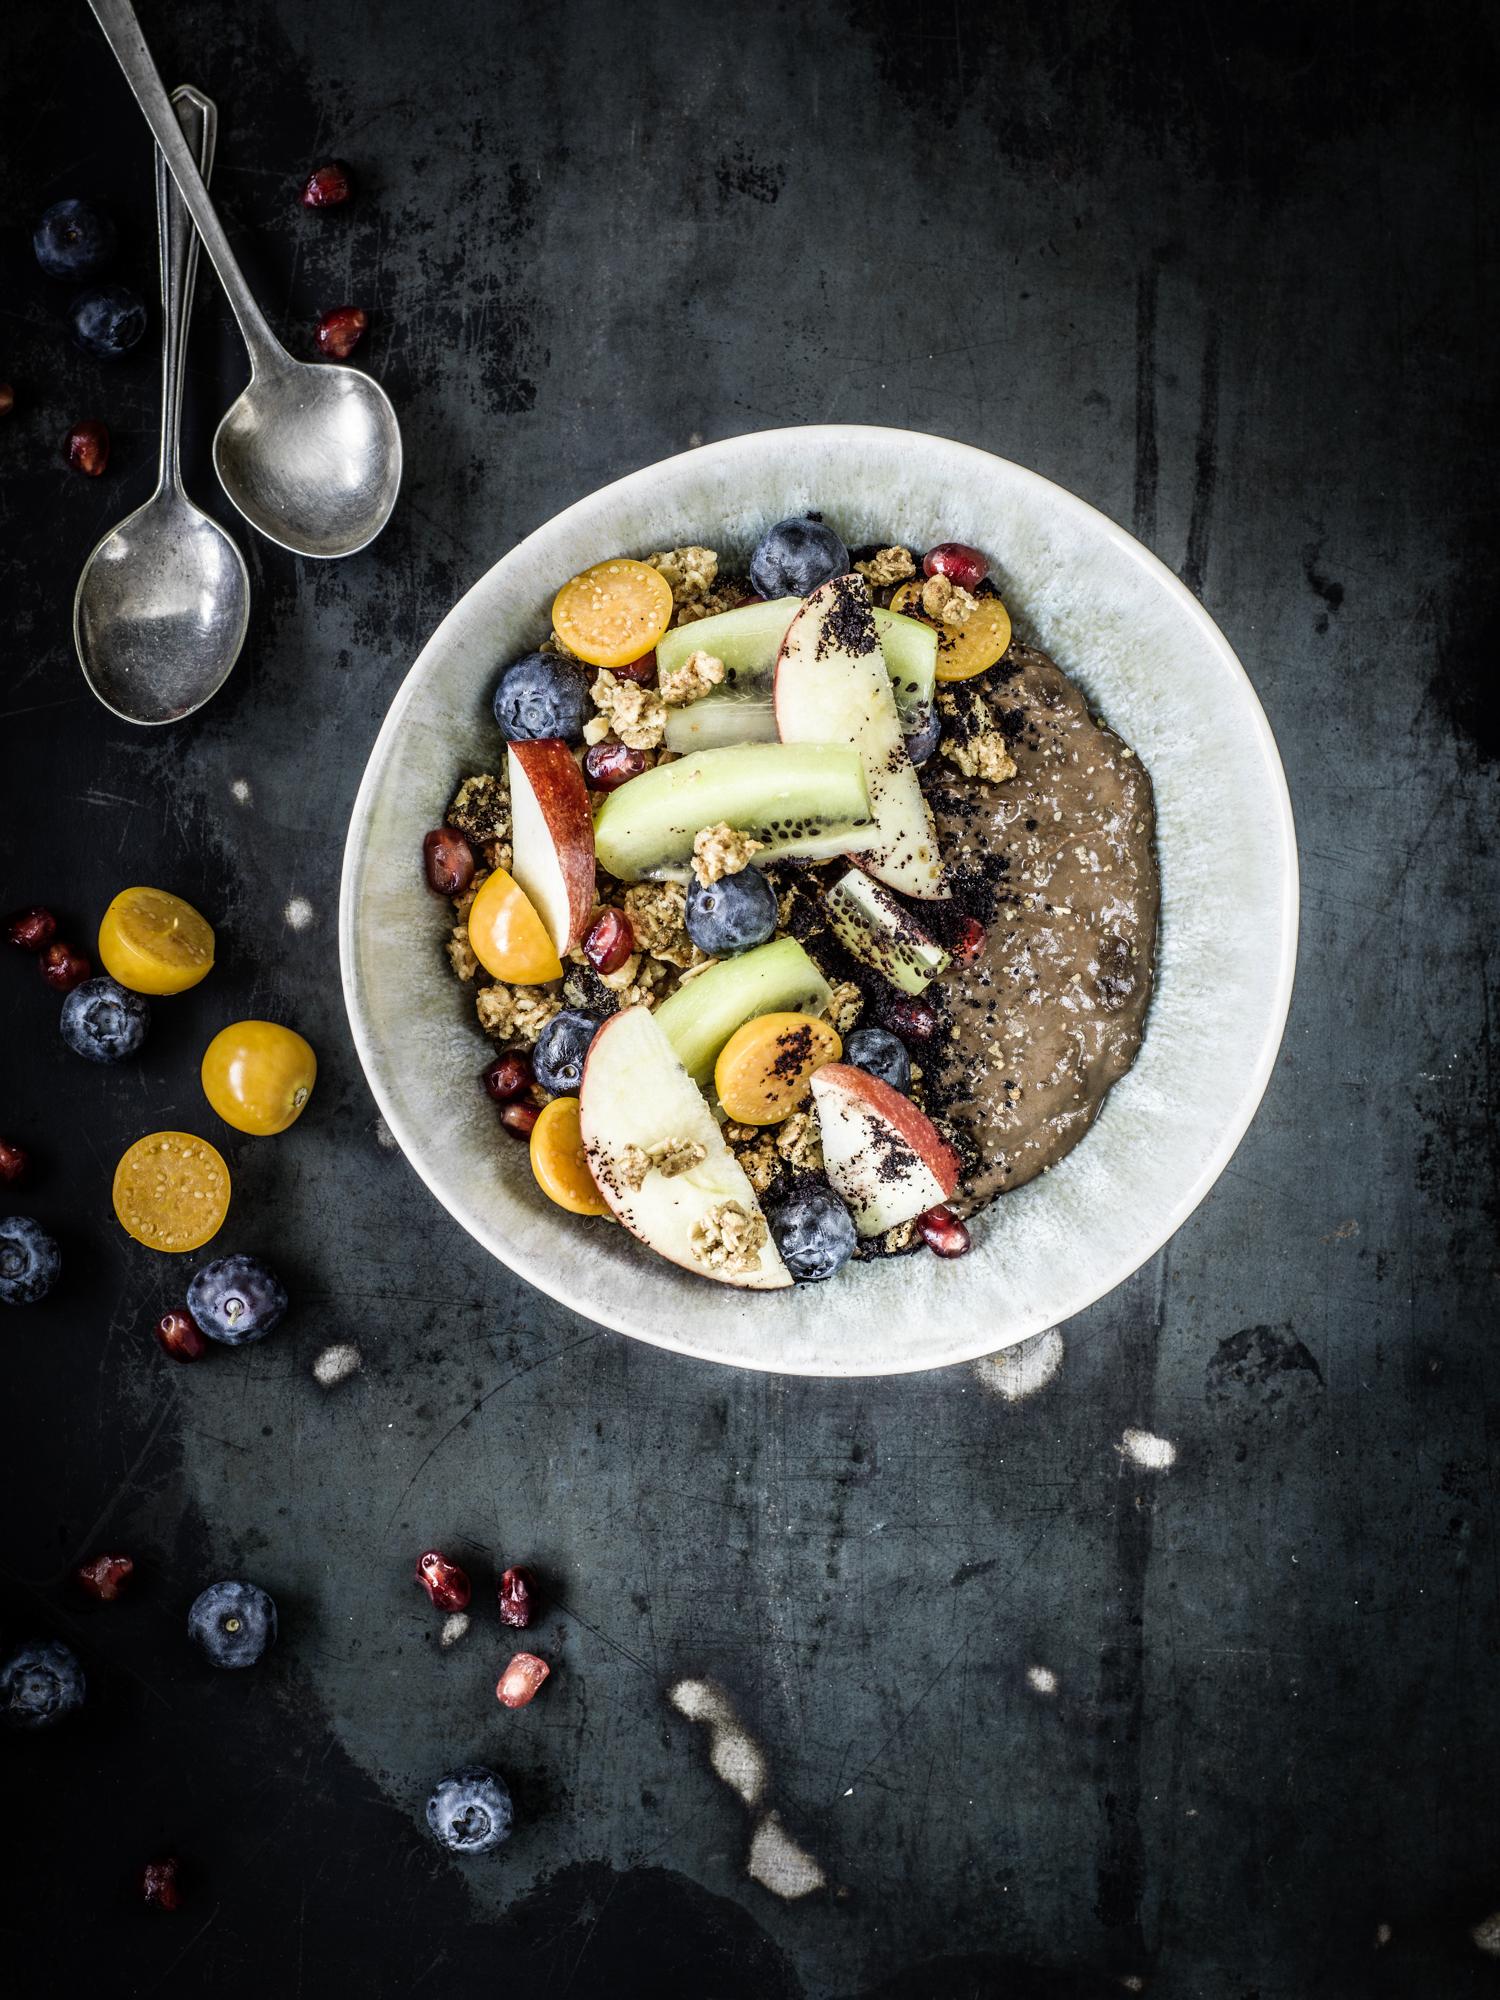 Food-Fotografie Bowls, Stefan Schmidlin Fotograf Basel; Bild 15.jpg